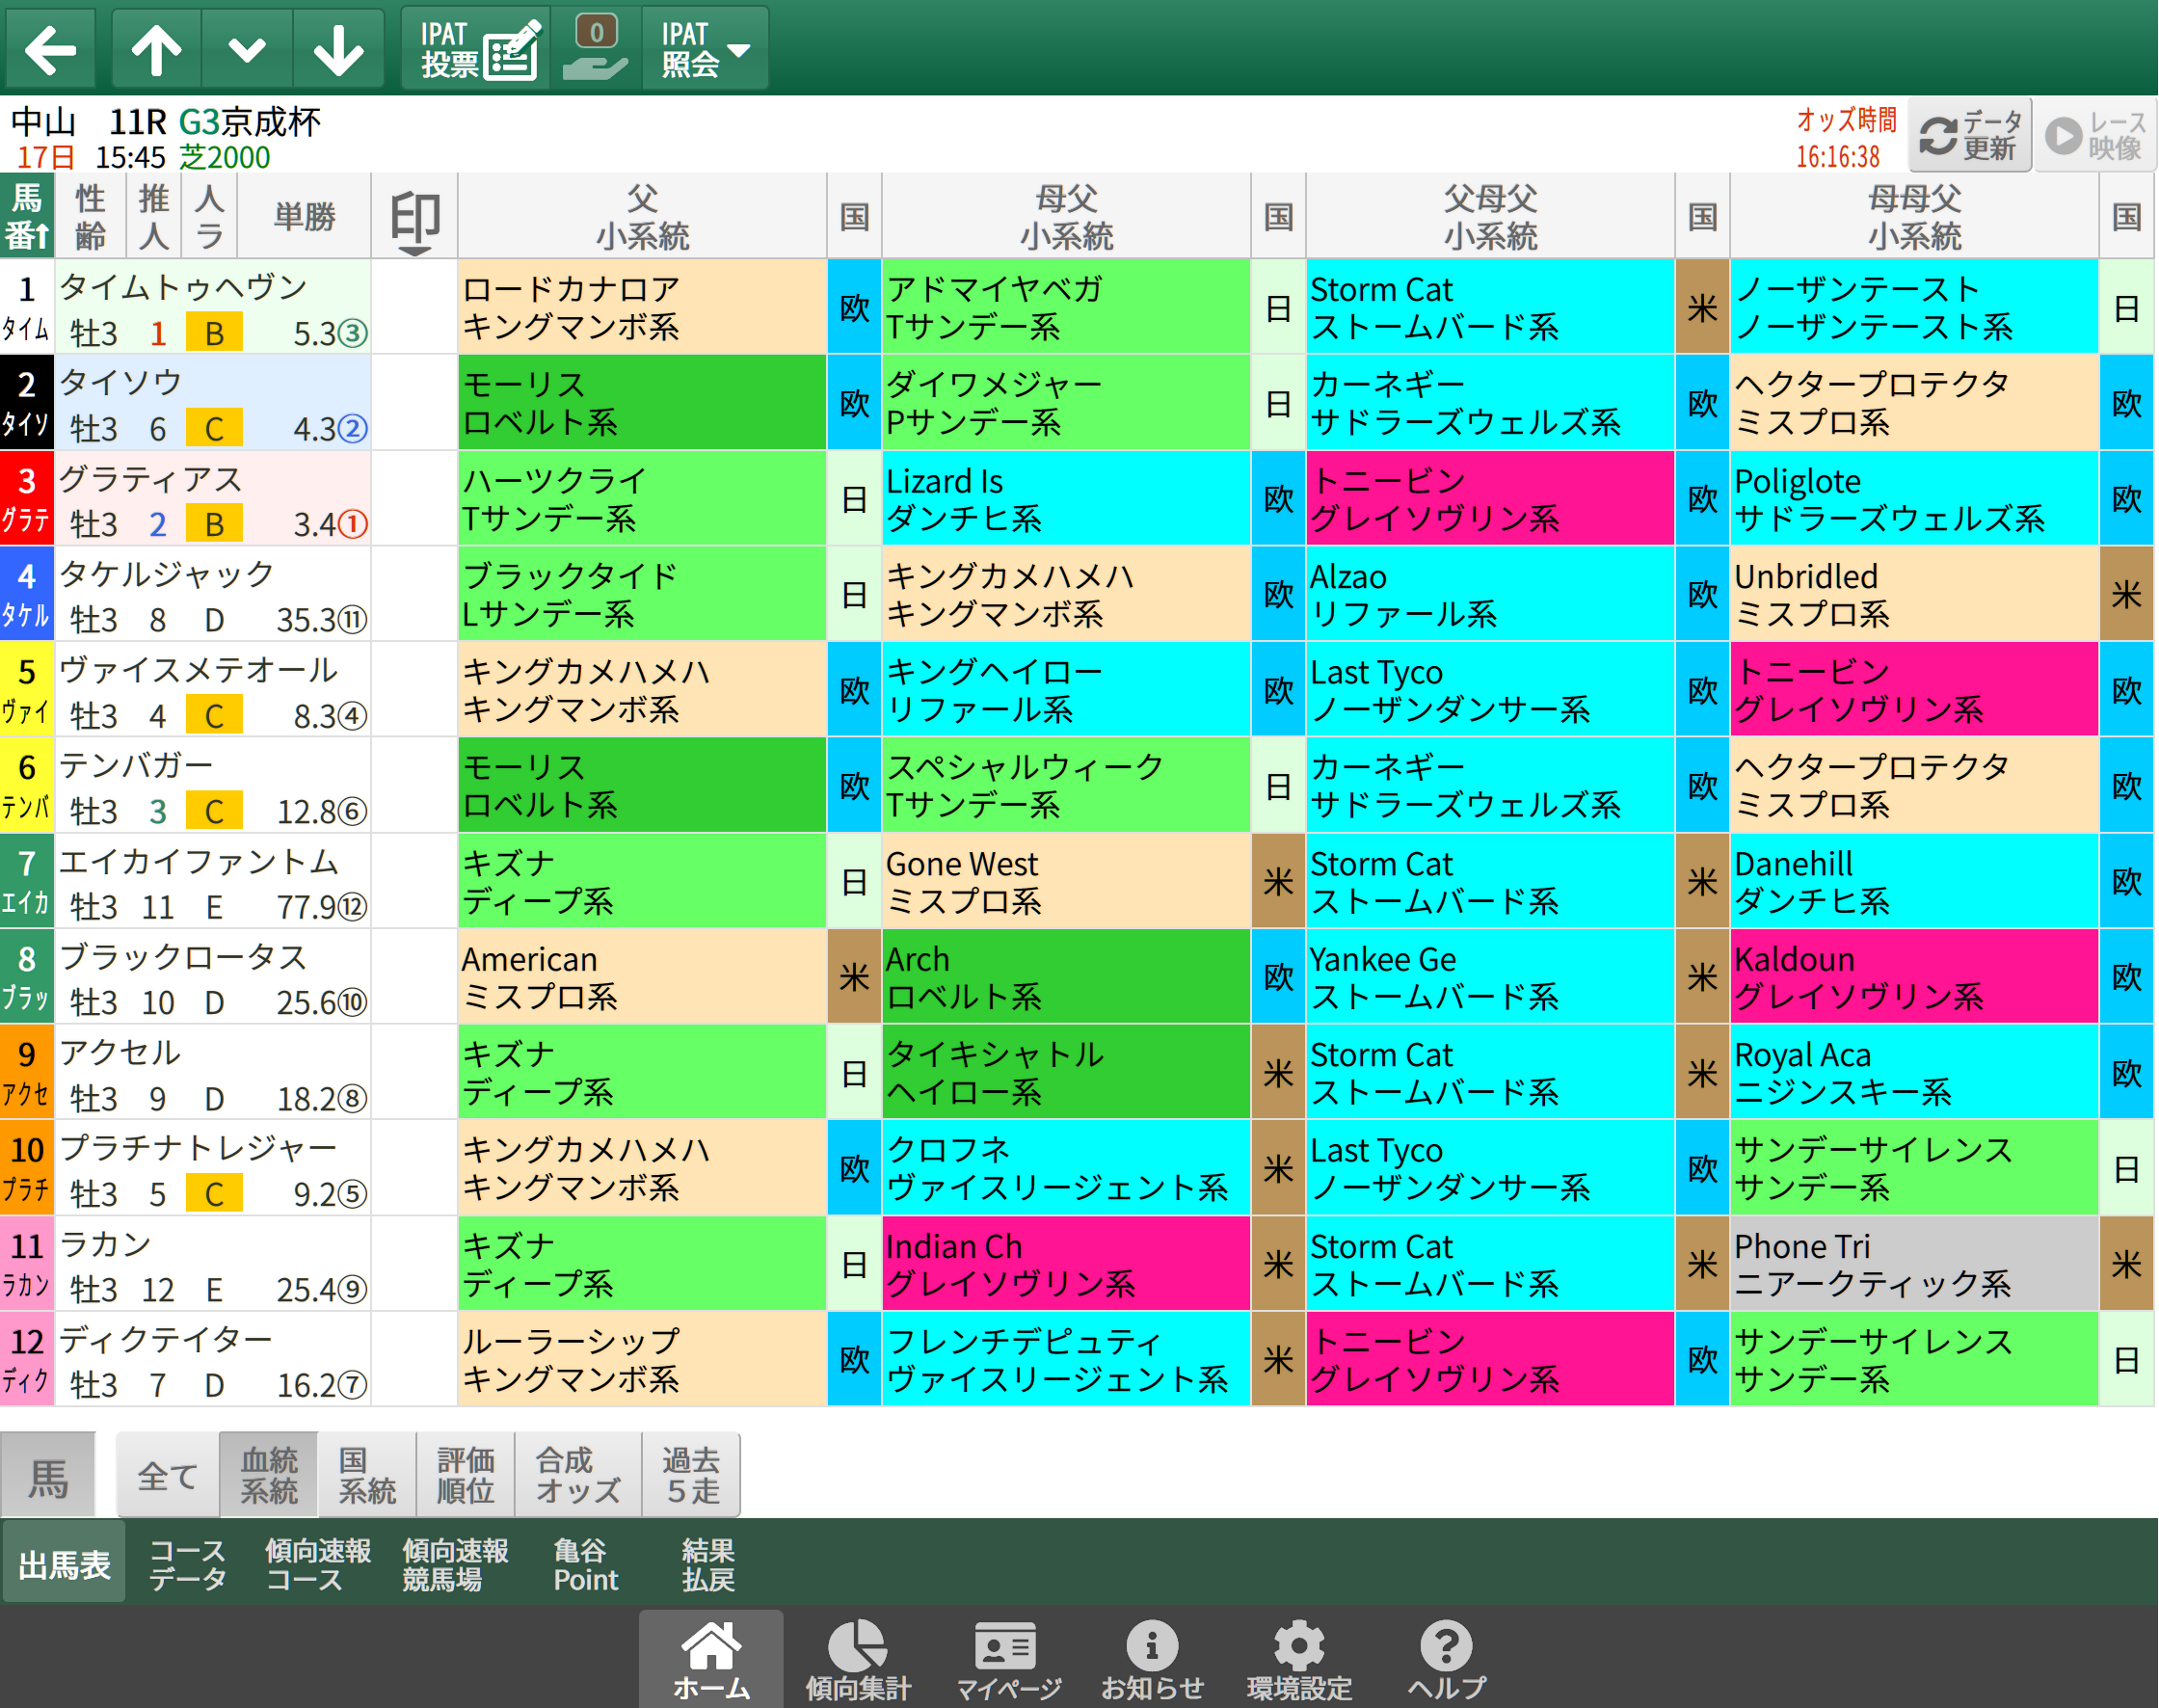 【無料公開】京成杯 / 亀谷サロン限定公開中のスマート出馬表・次期バージョン